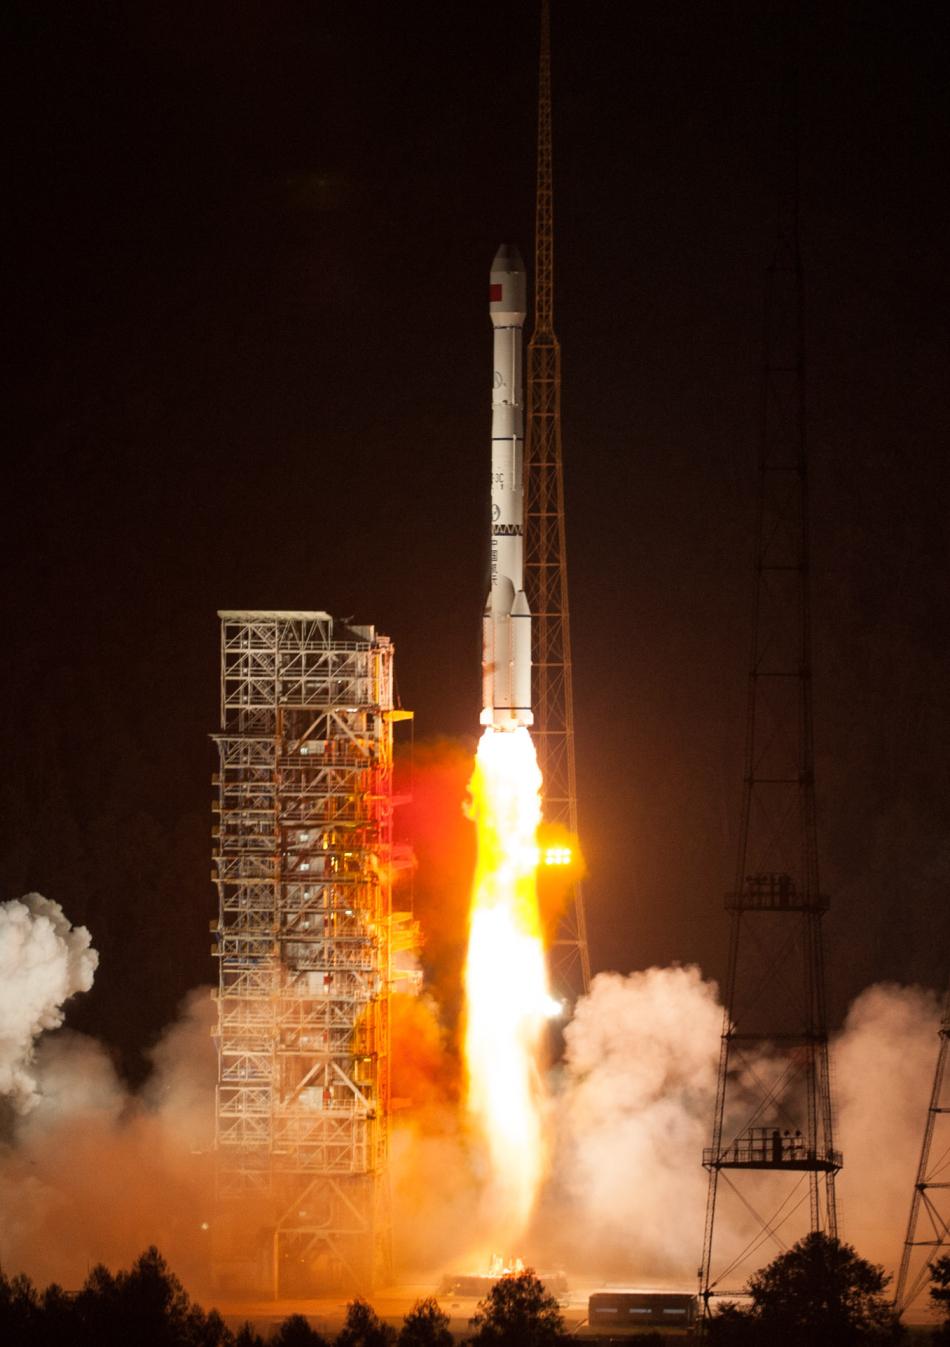 社会资讯_第16颗北斗导航卫星成功发射_军事_环球网